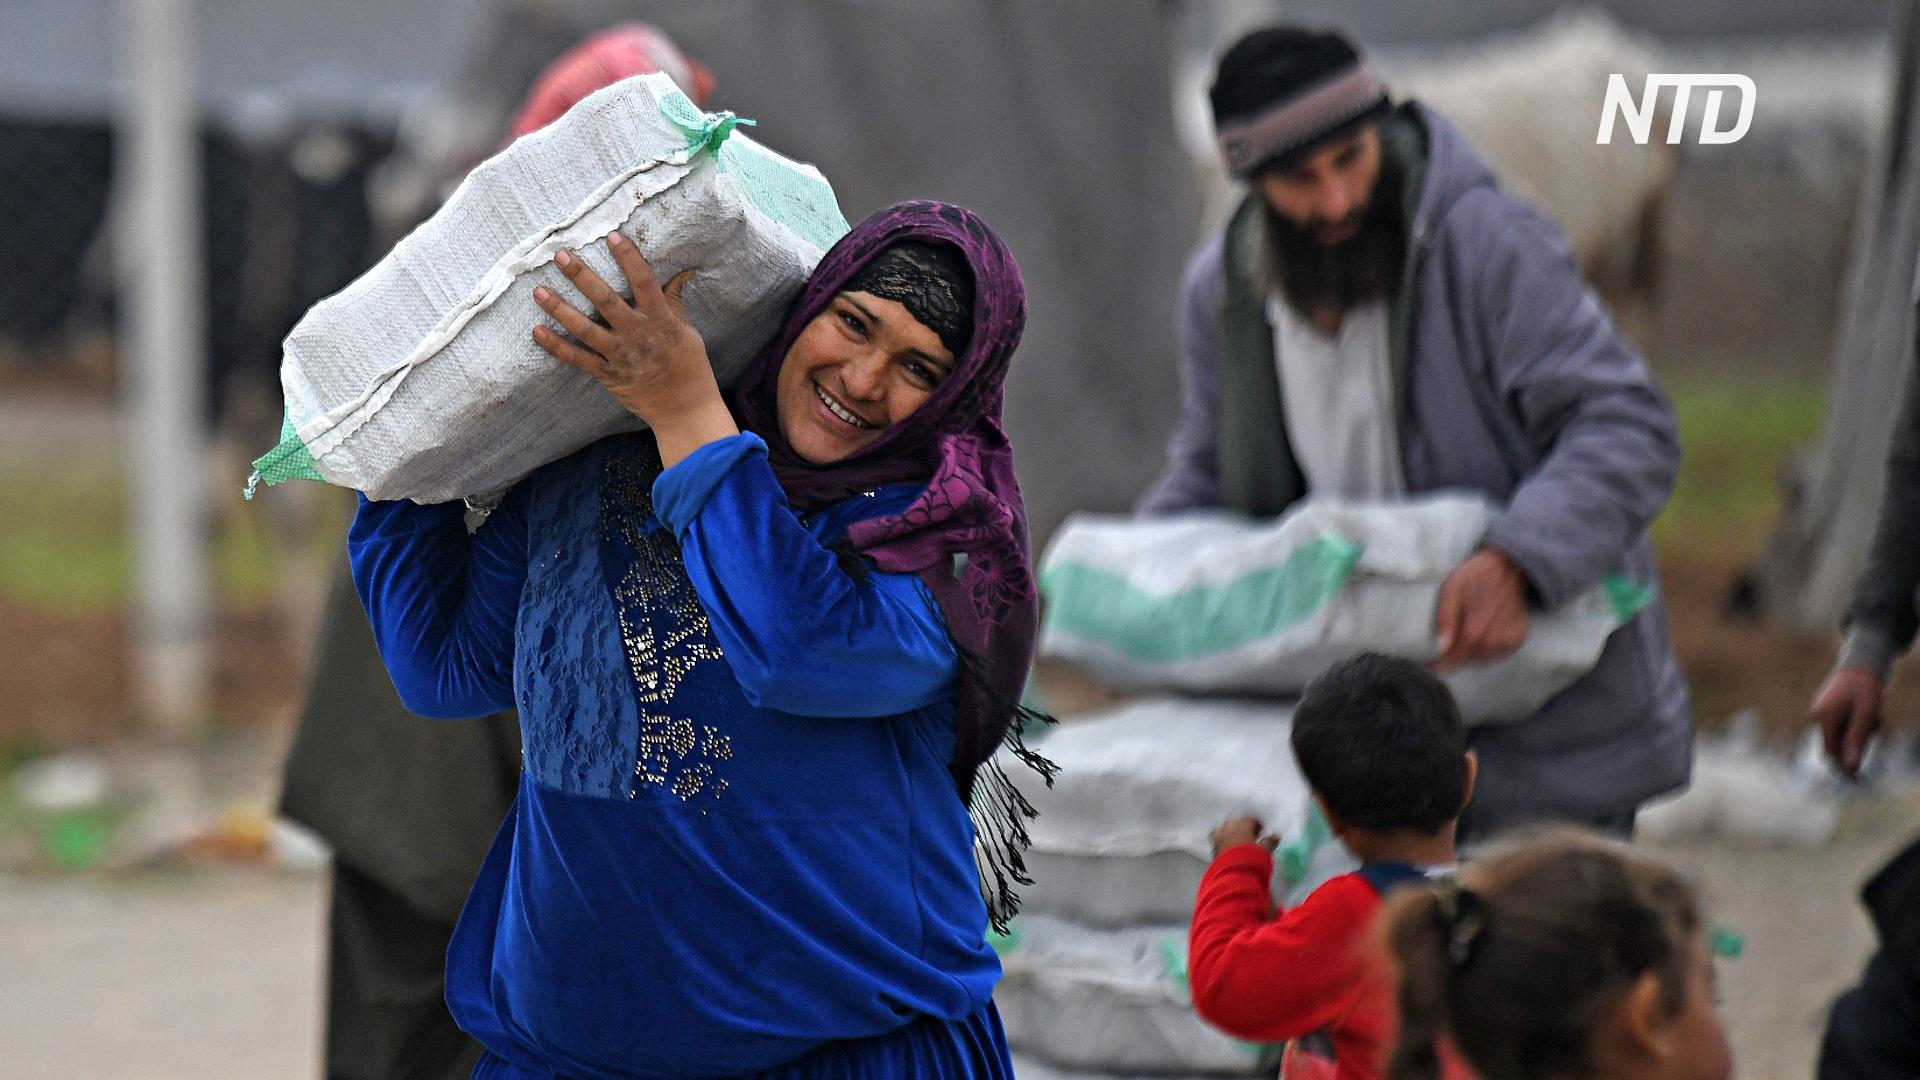 ООН просит Турцию пропускать больше гумпомощи сирийским переселенцам